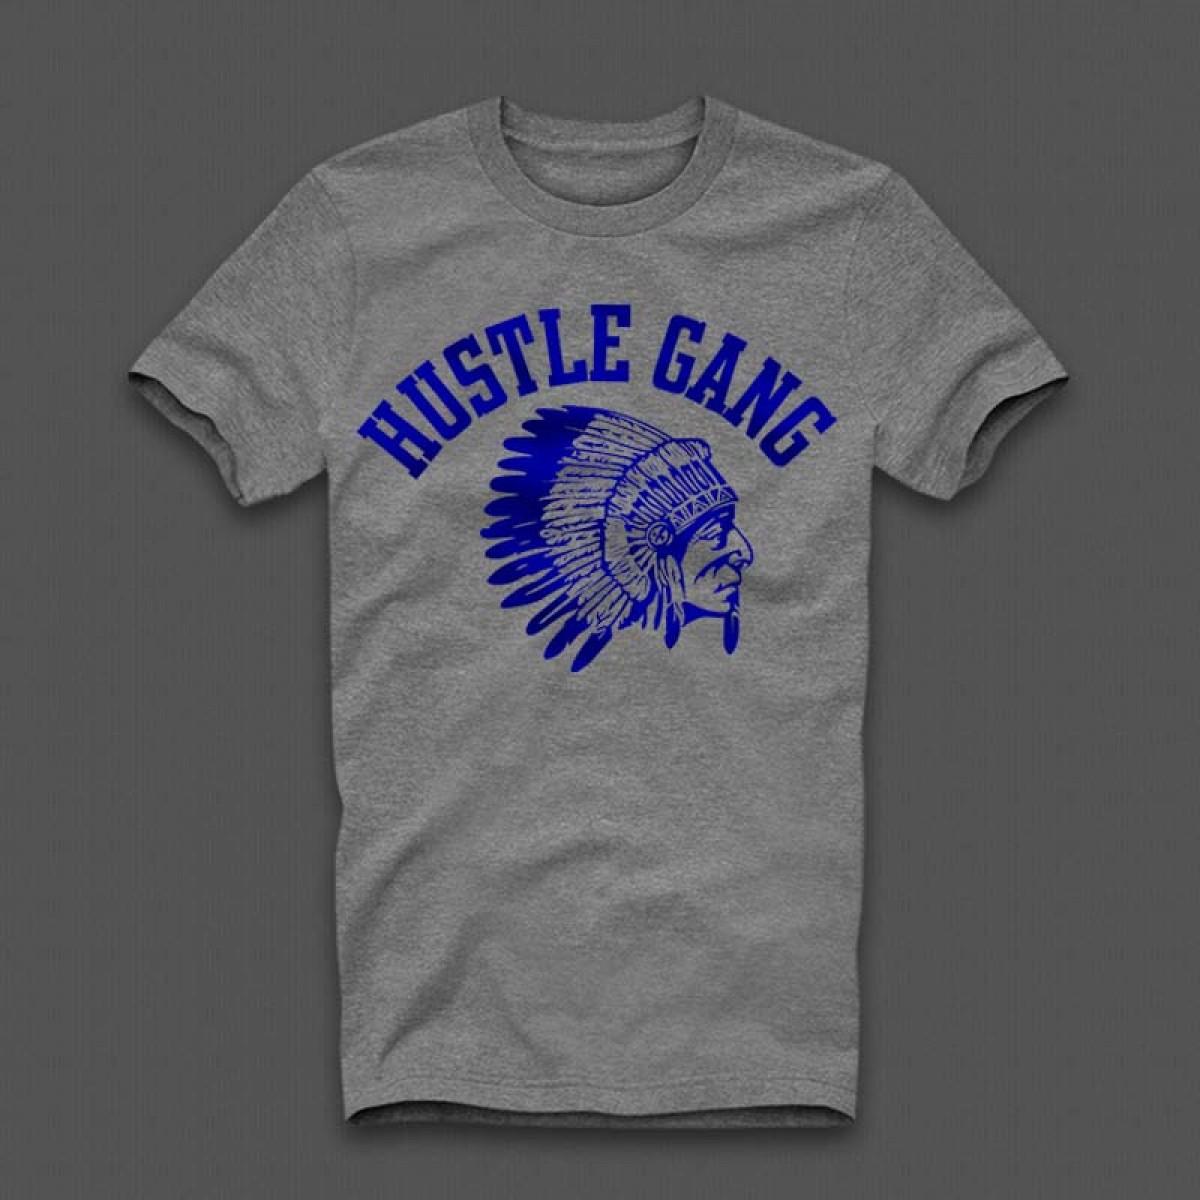 Ti Hustle Gang Clothing 1200x1200